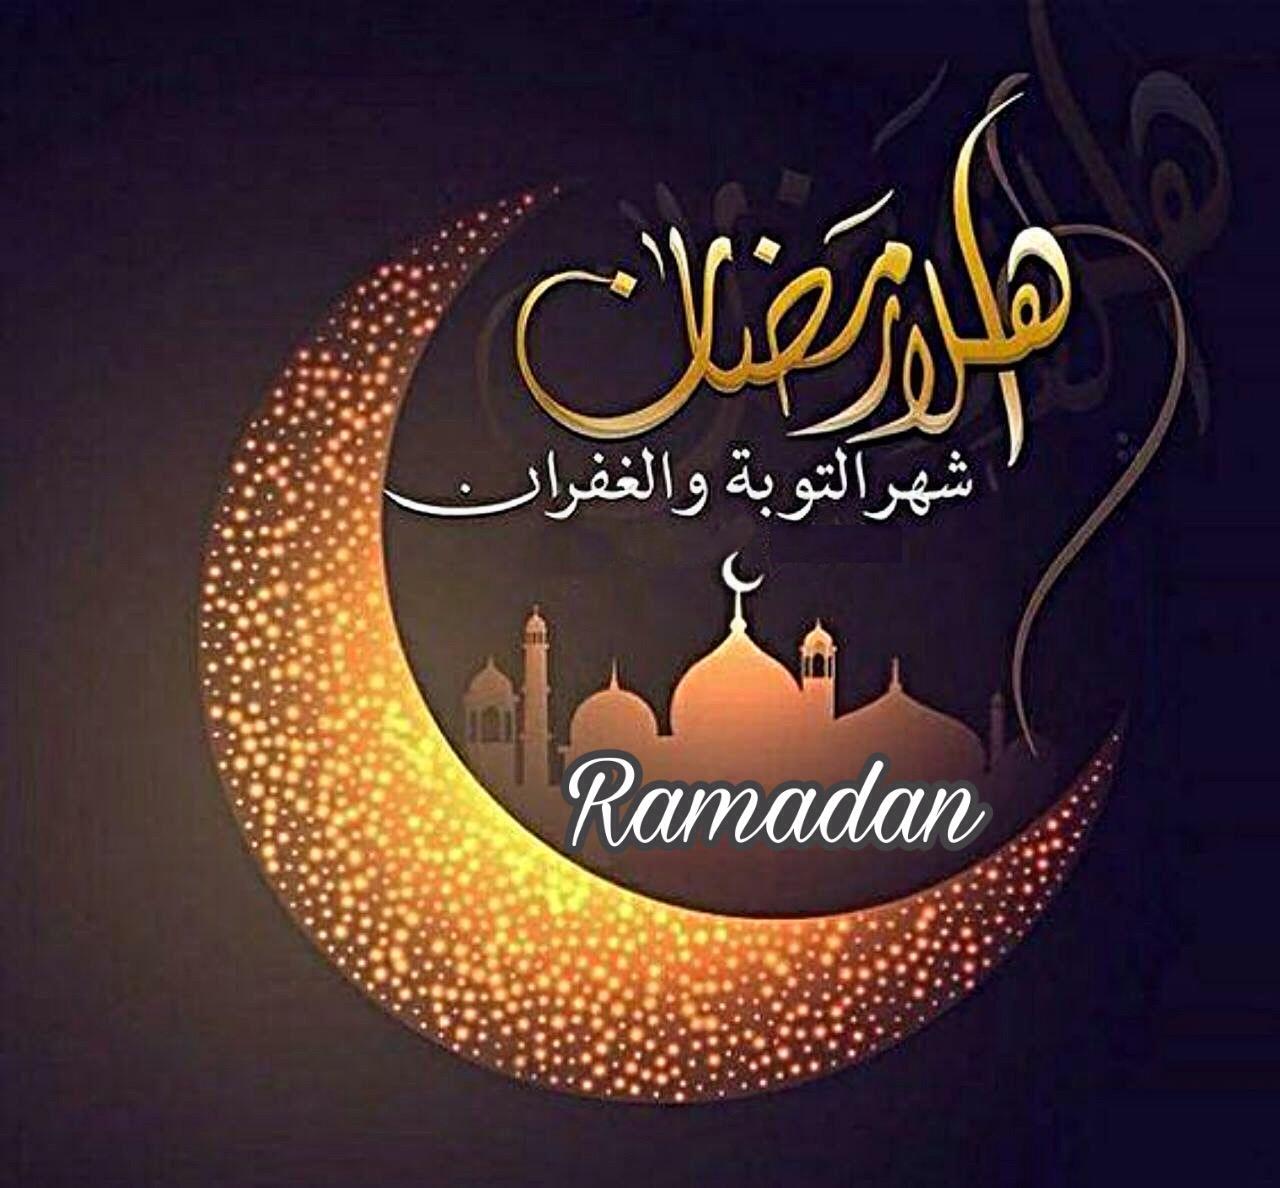 صورة صور خلفيات شهر رمضان , احلى صور للشهر المبارك